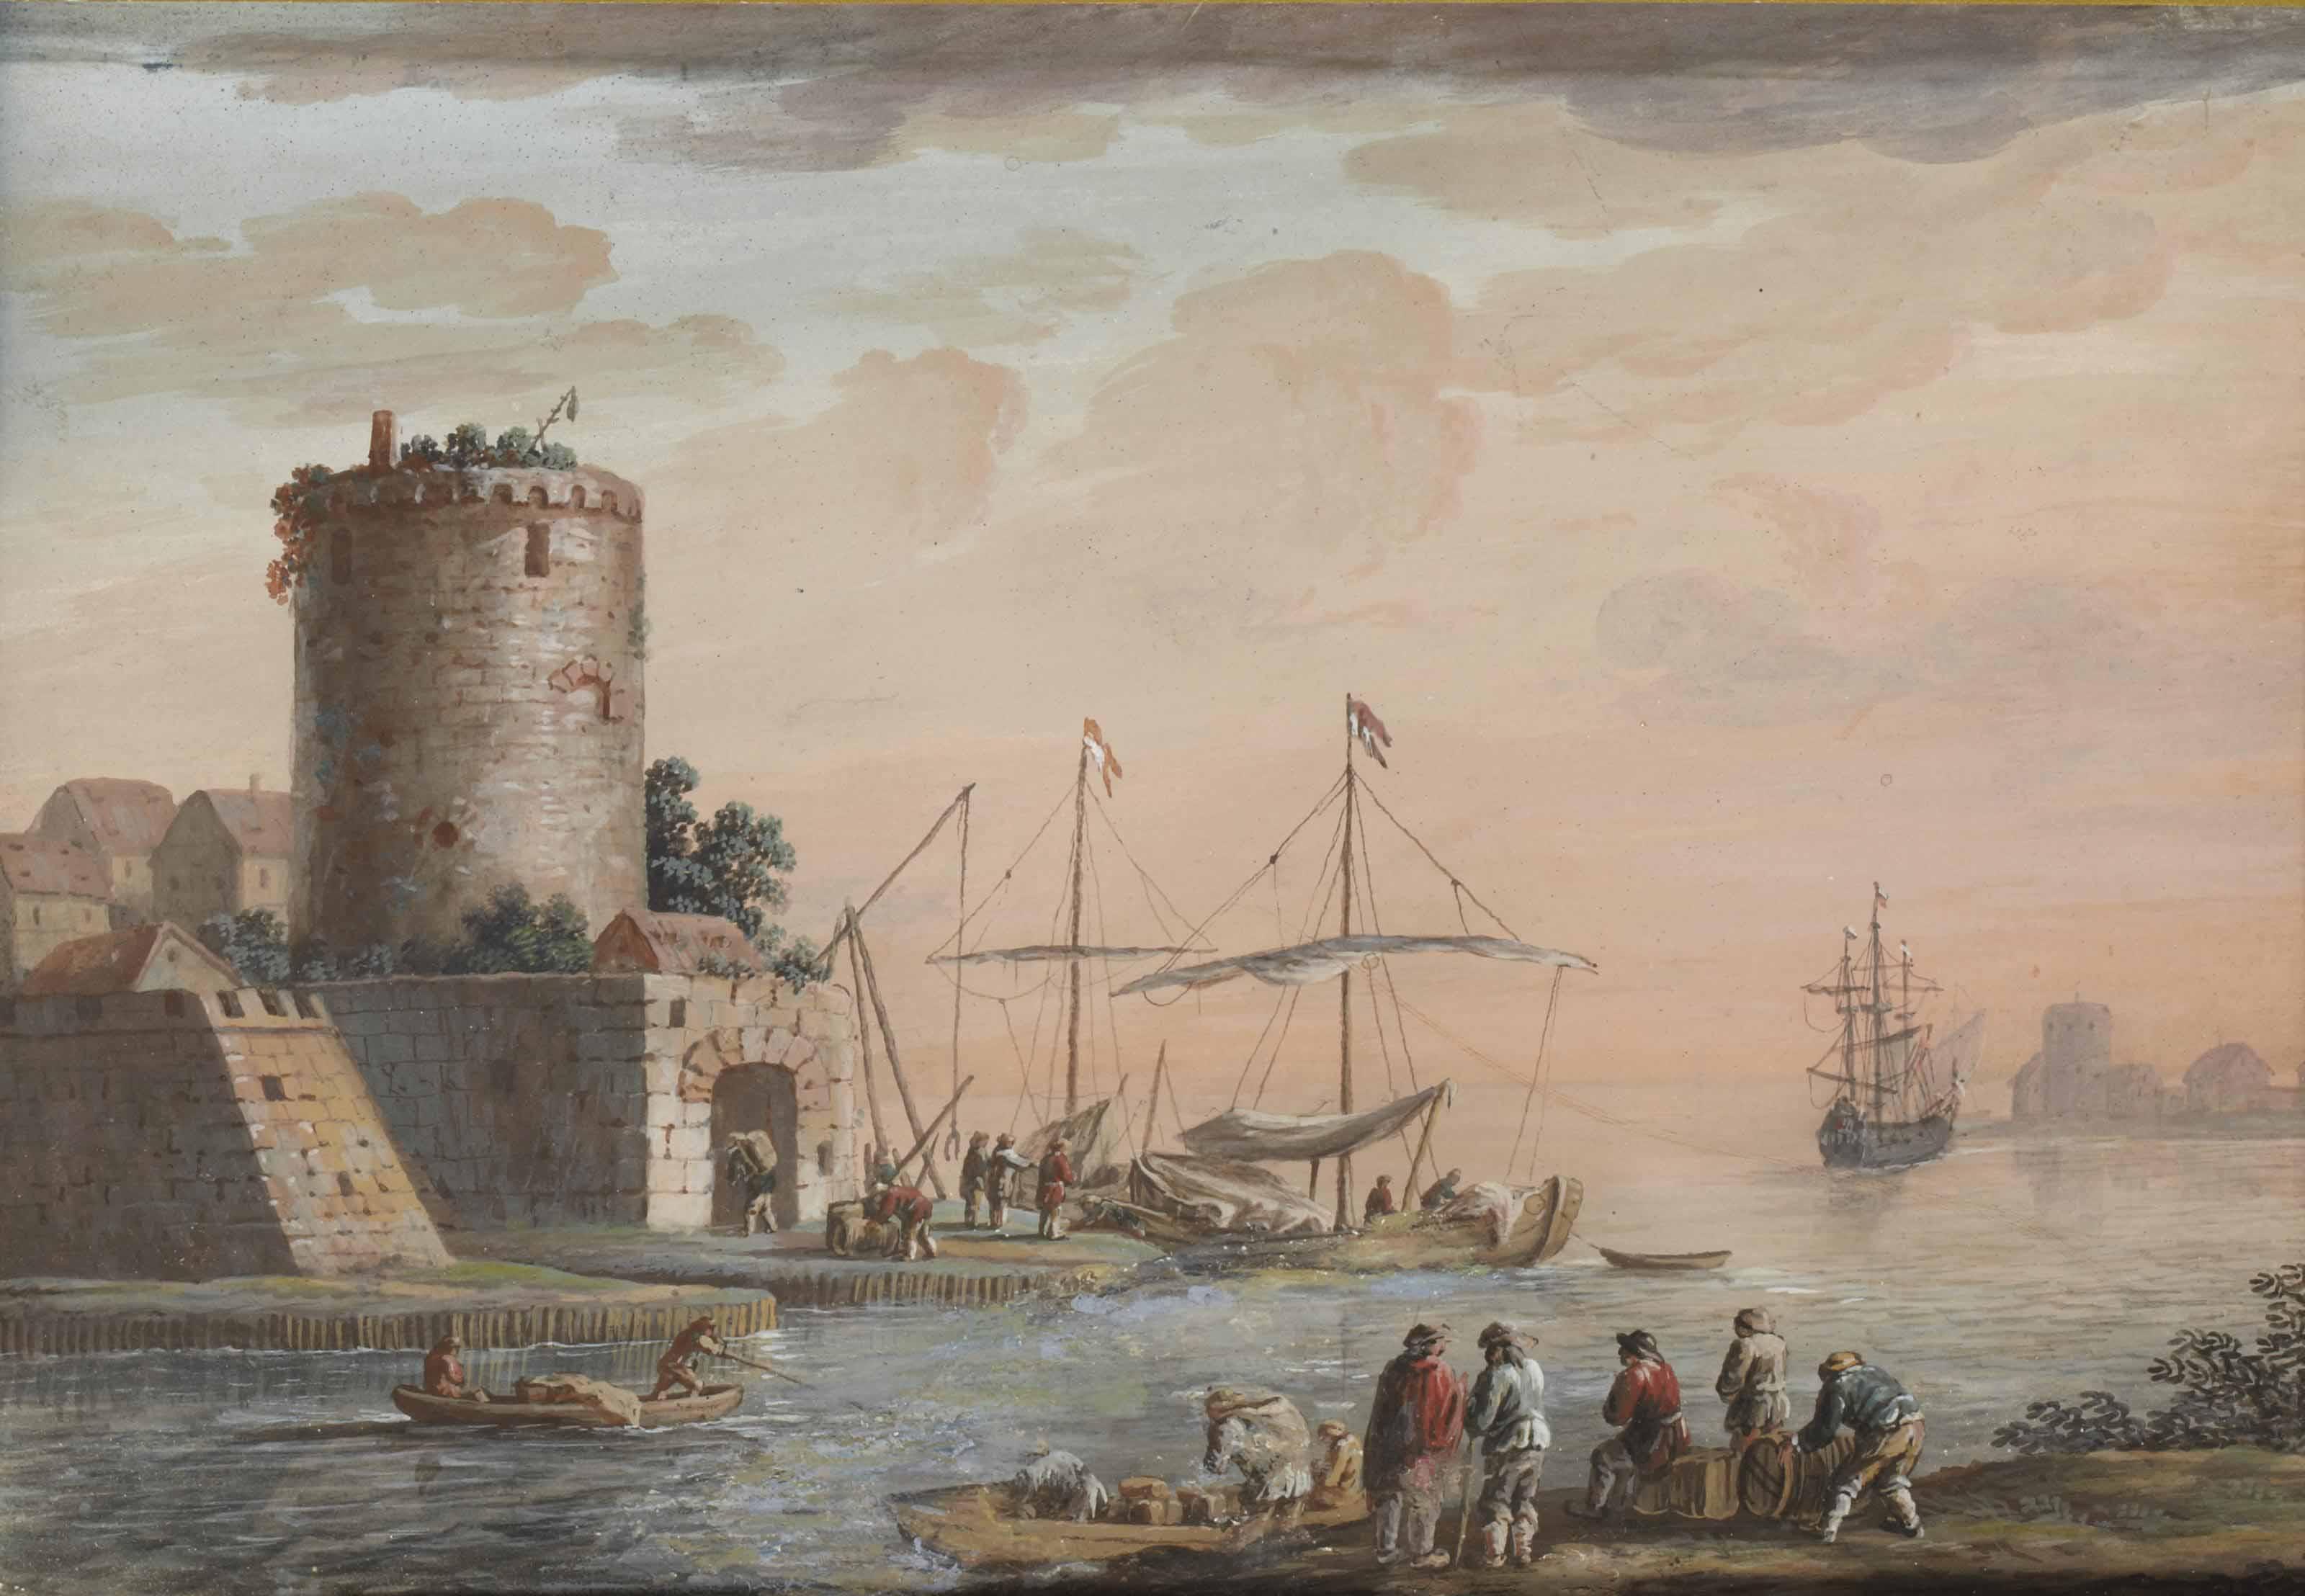 Pêcheurs à l'entrée d'un port fortifié